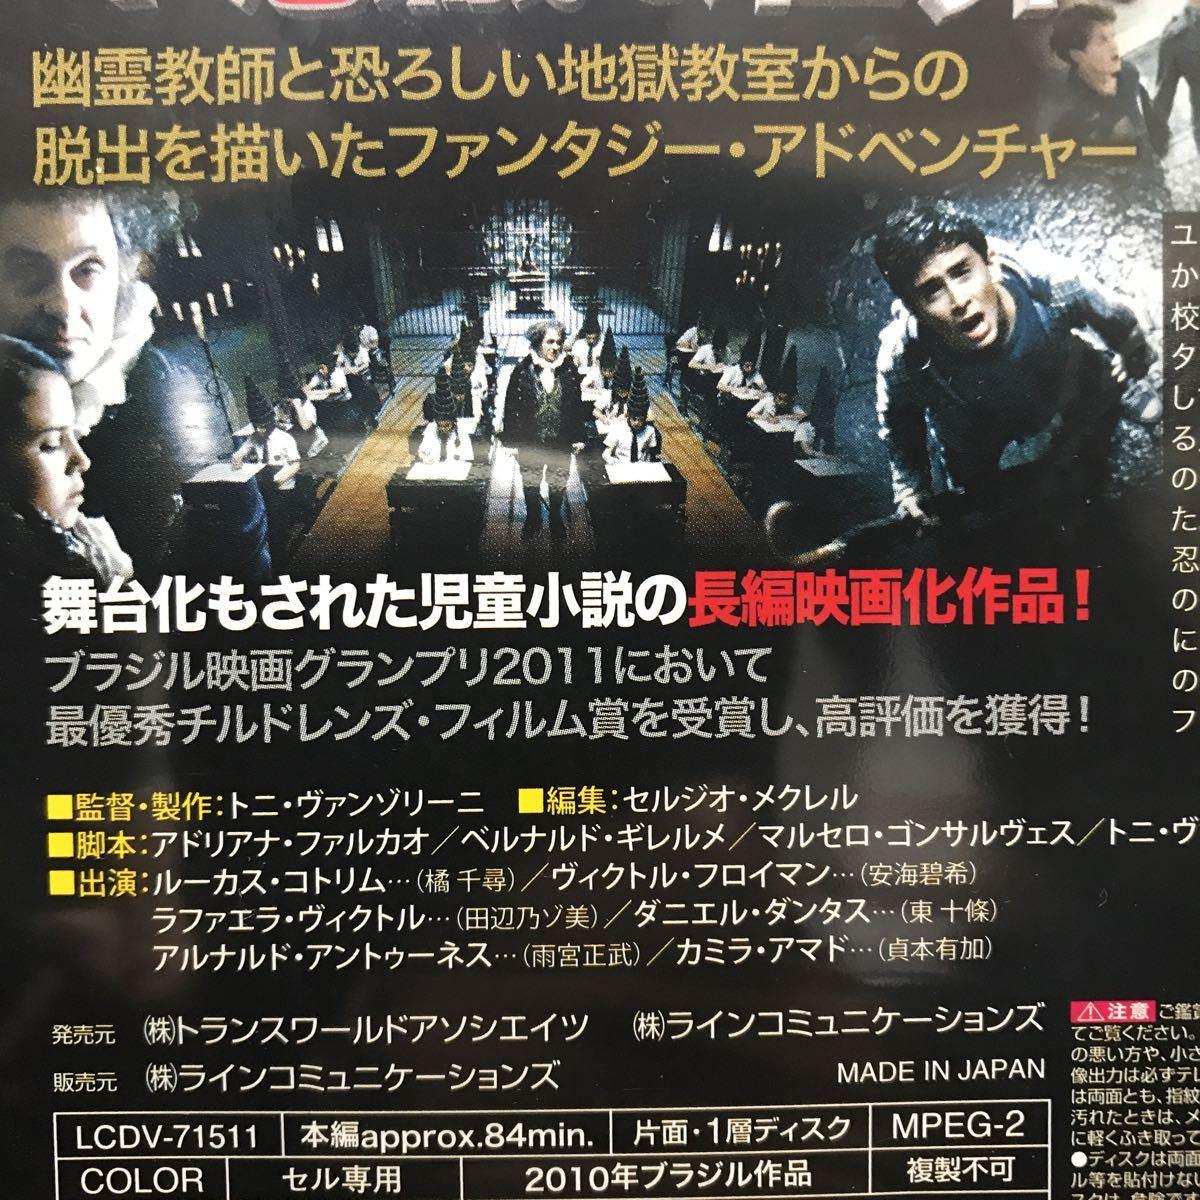 ミッドナイト・アカデミー 秘密の扉('10ブラジル)DVD